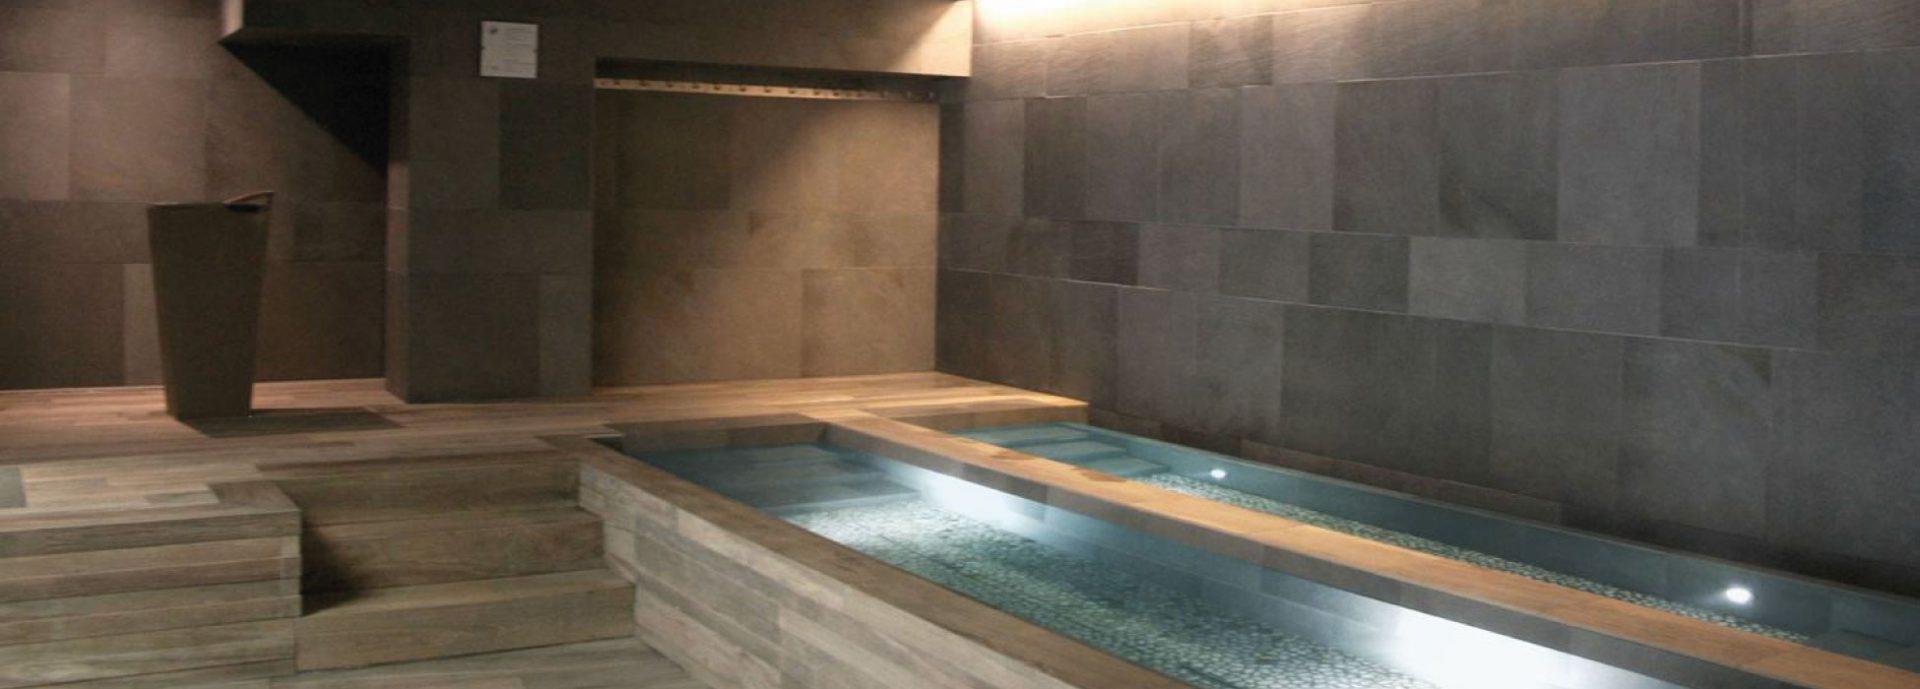 La Maison Du Parquet gres-porcellanato-piscina-maison-du-parquet - maison du parquet